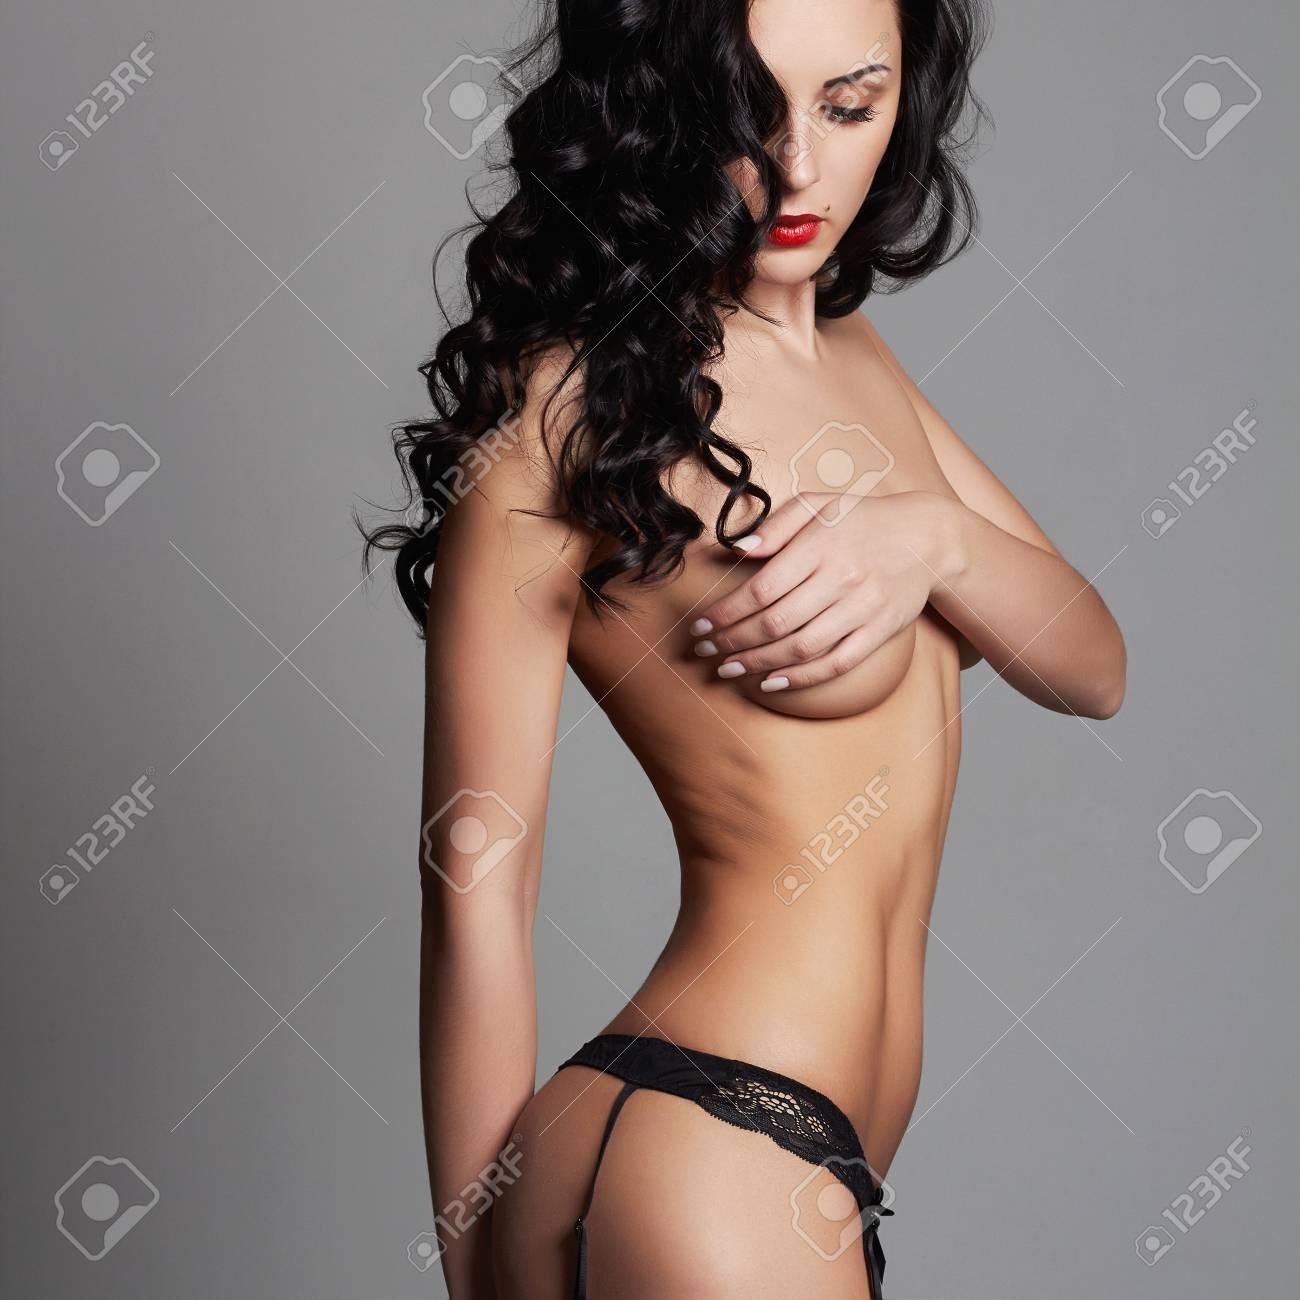 Www xxx free sex porn com